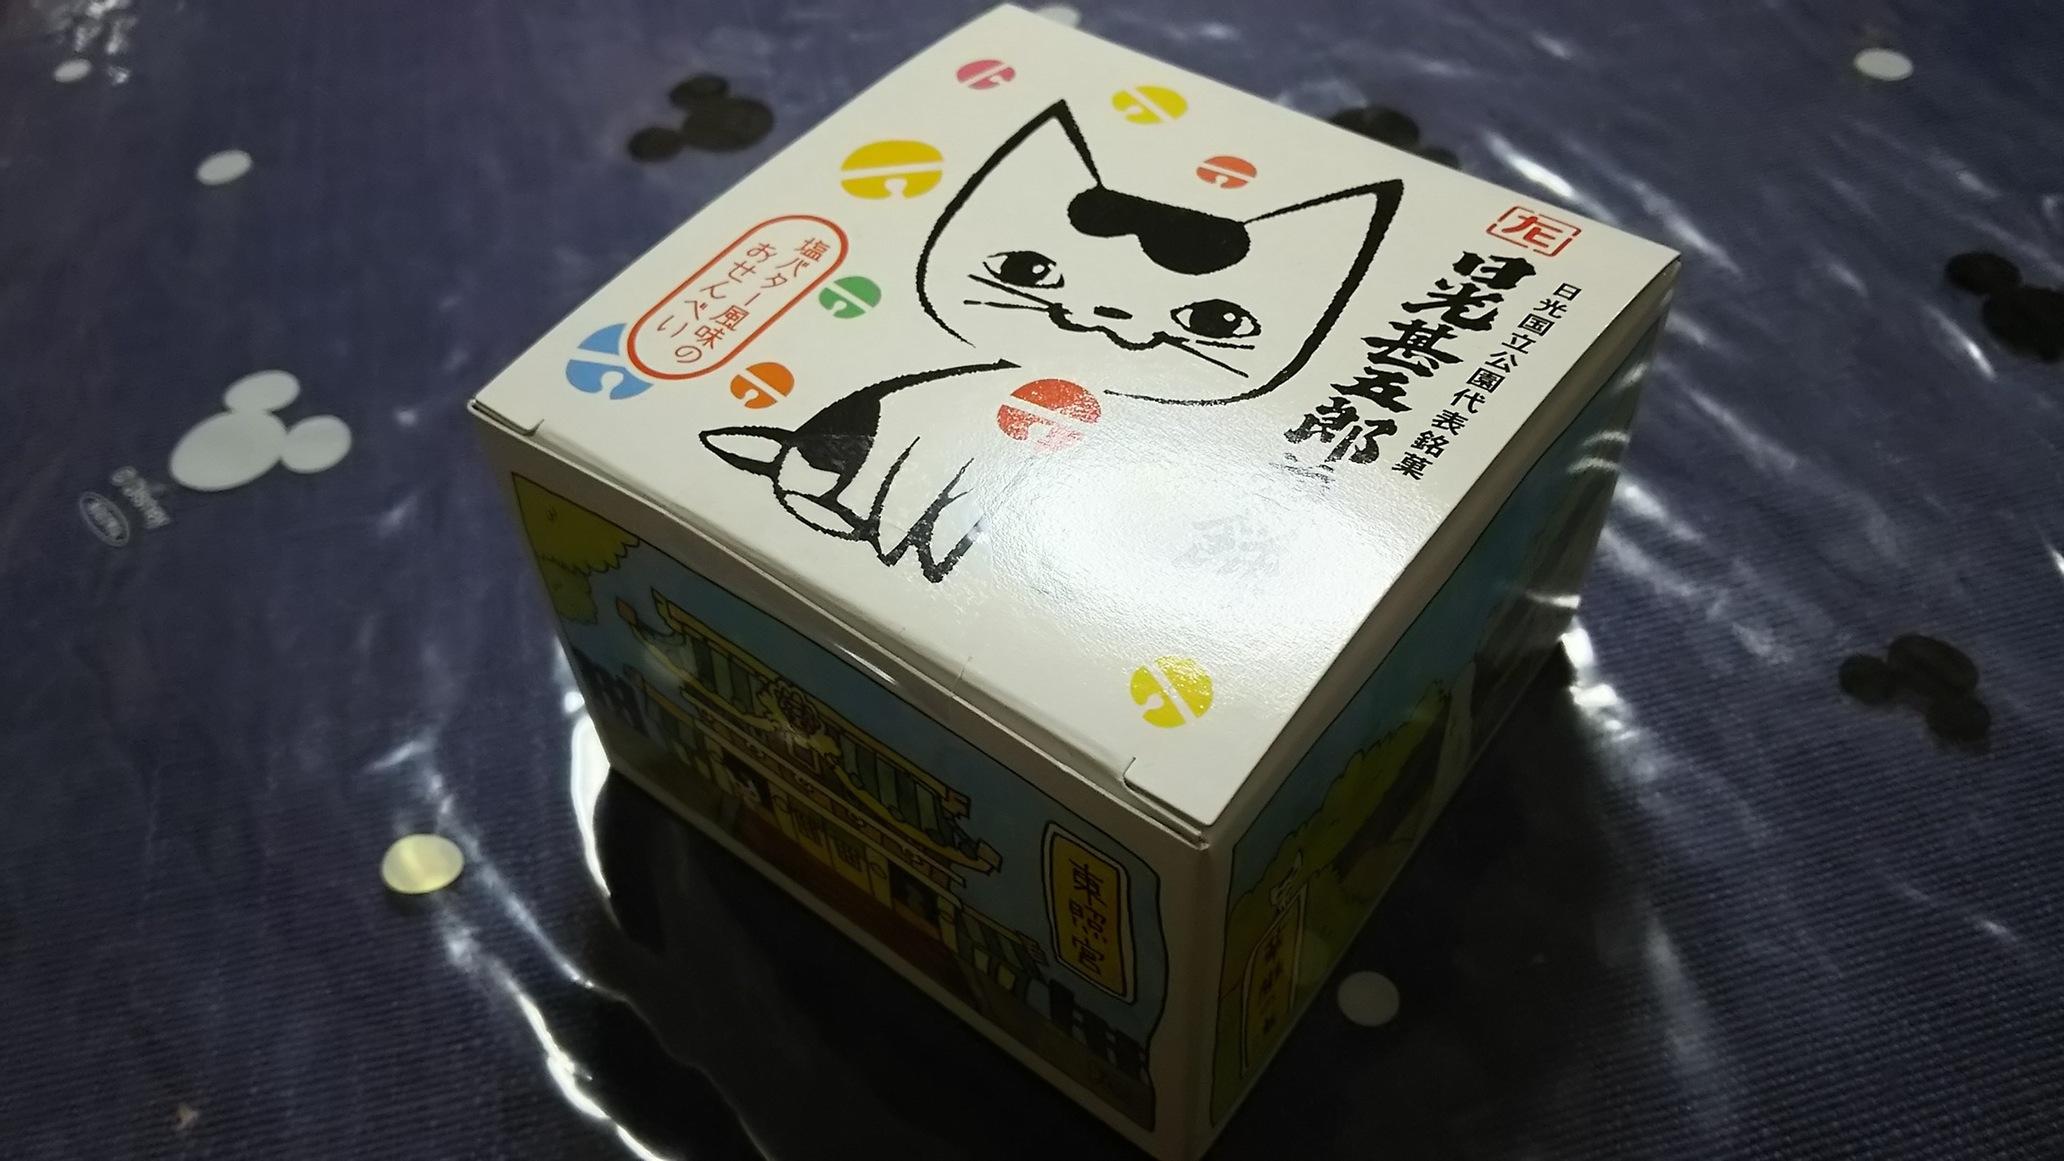 日光甚五郎煎餅 宇都宮駅グランマルシェ店